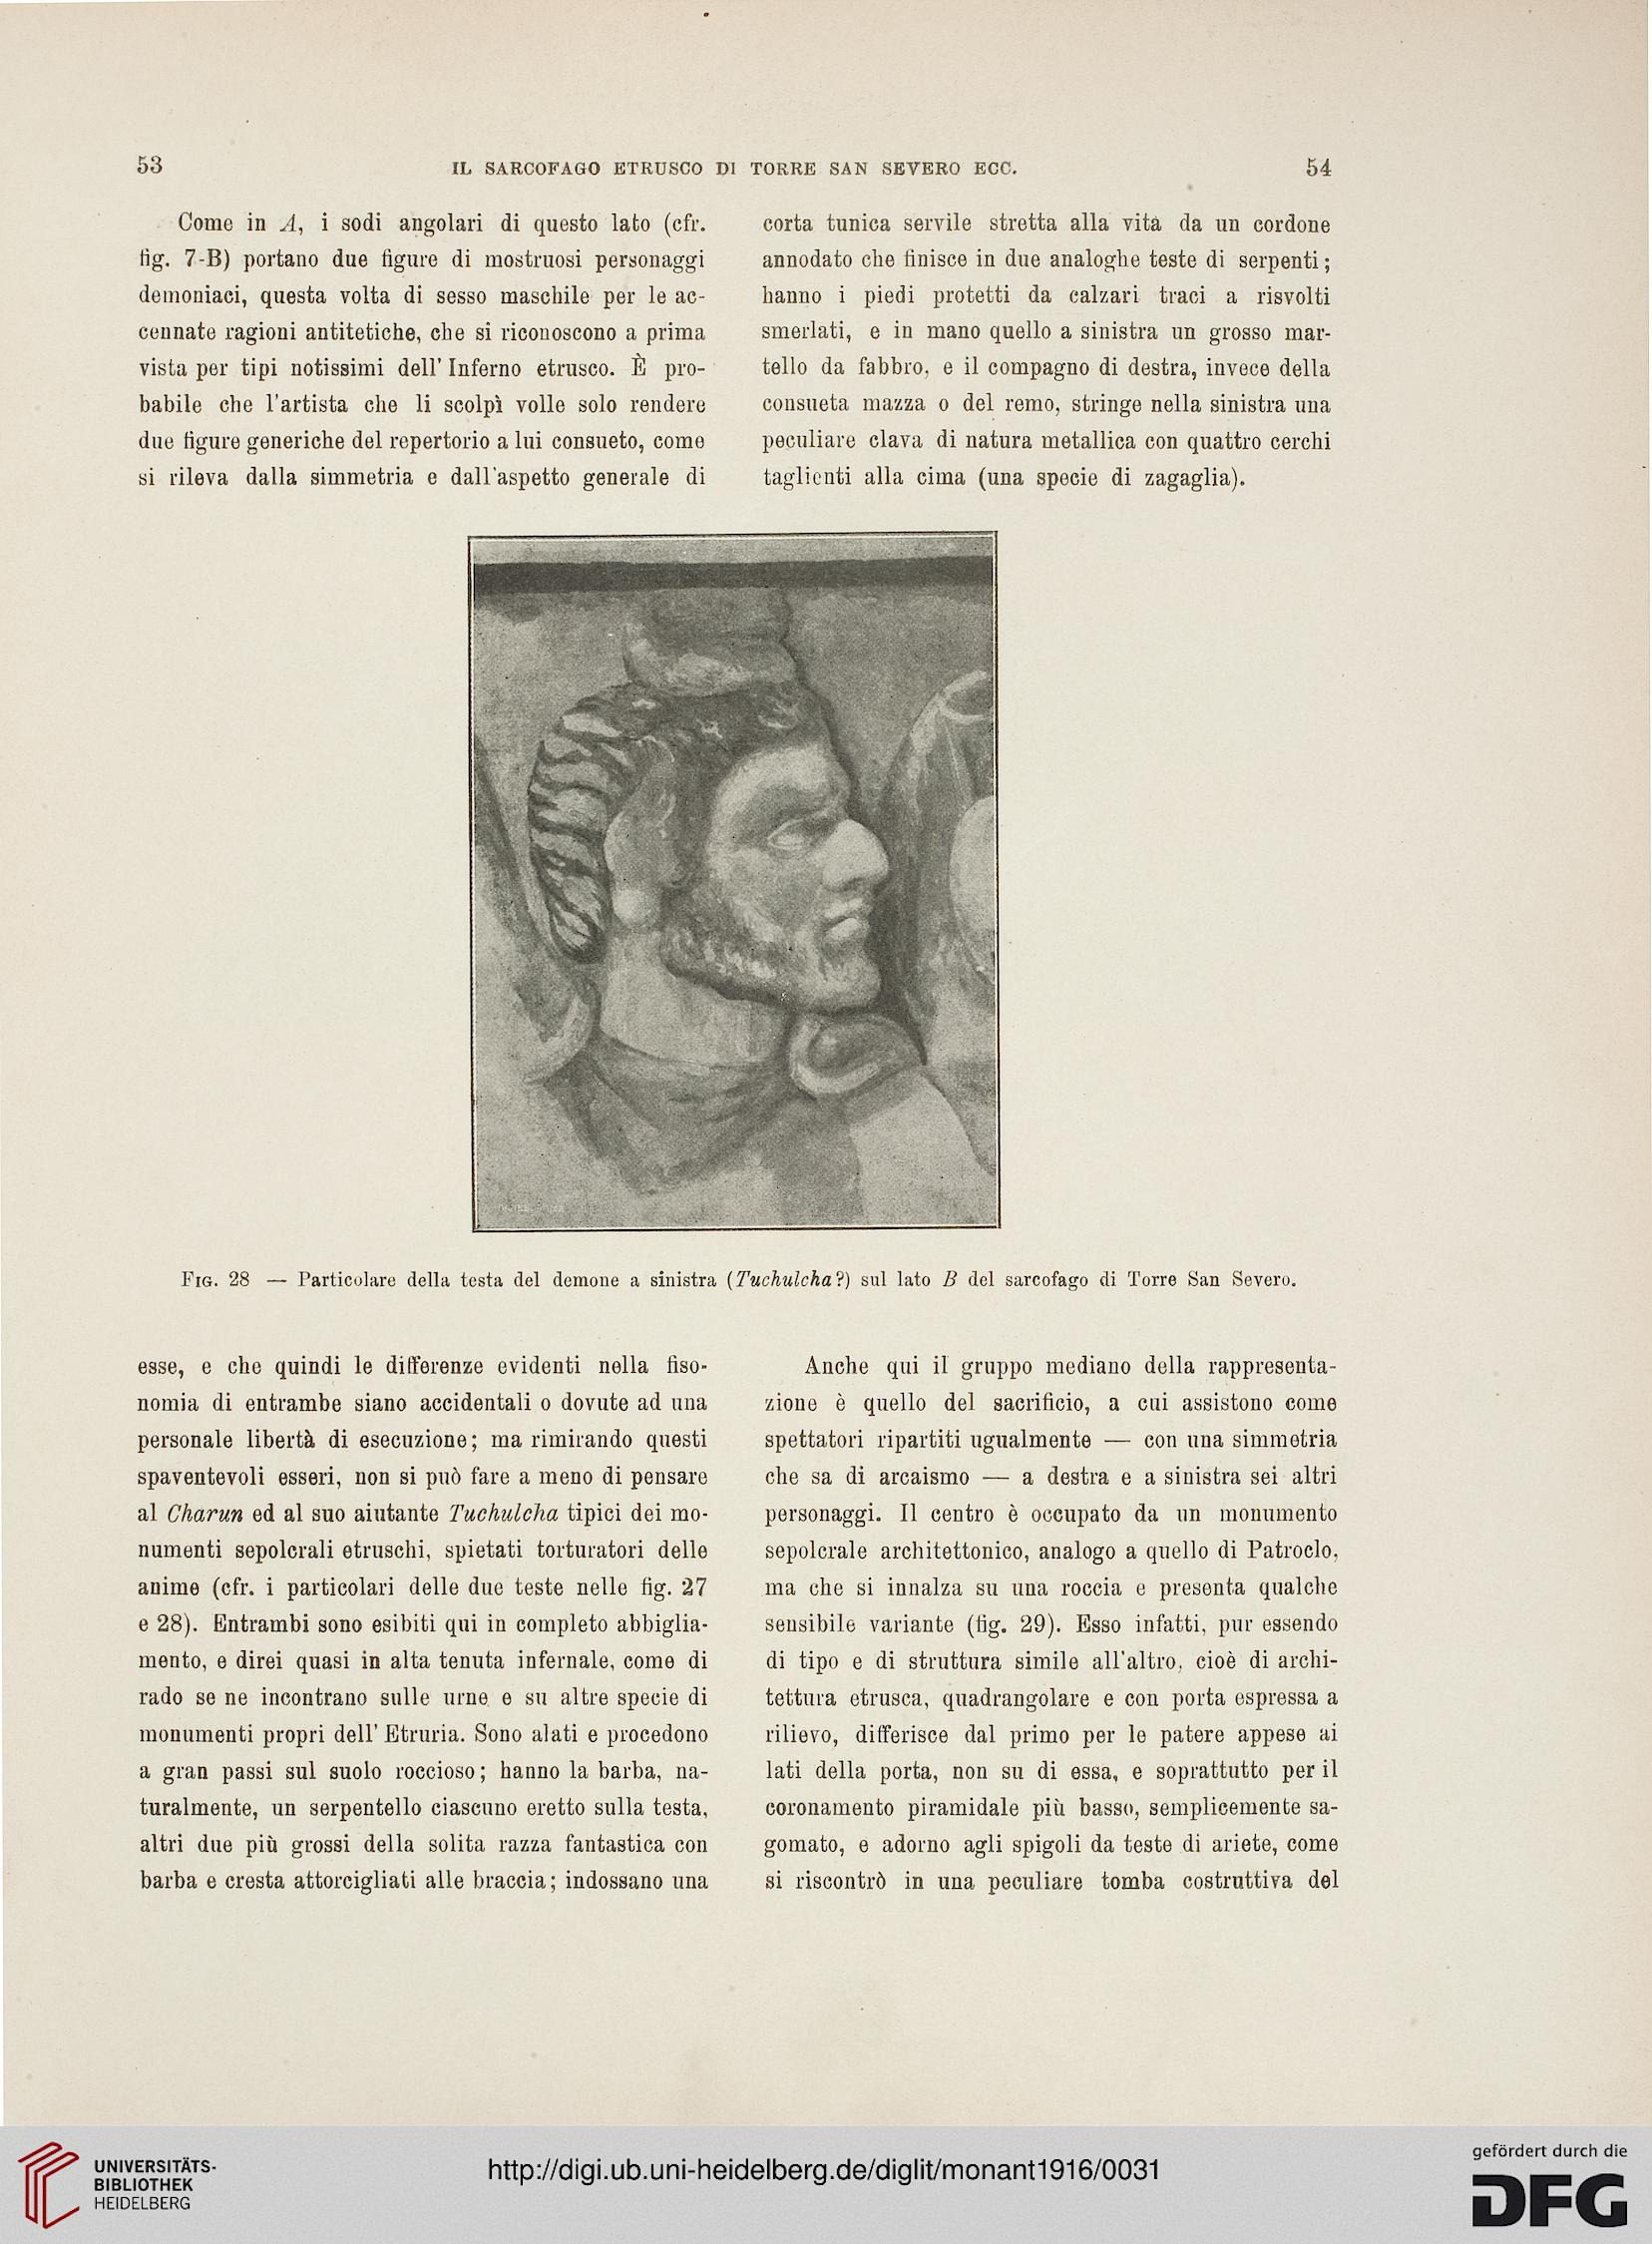 Sedile Imponente E Severo.Accademia Nazionale Dei Lincei Rom Hrsg Monumenti Antichi 24 1916